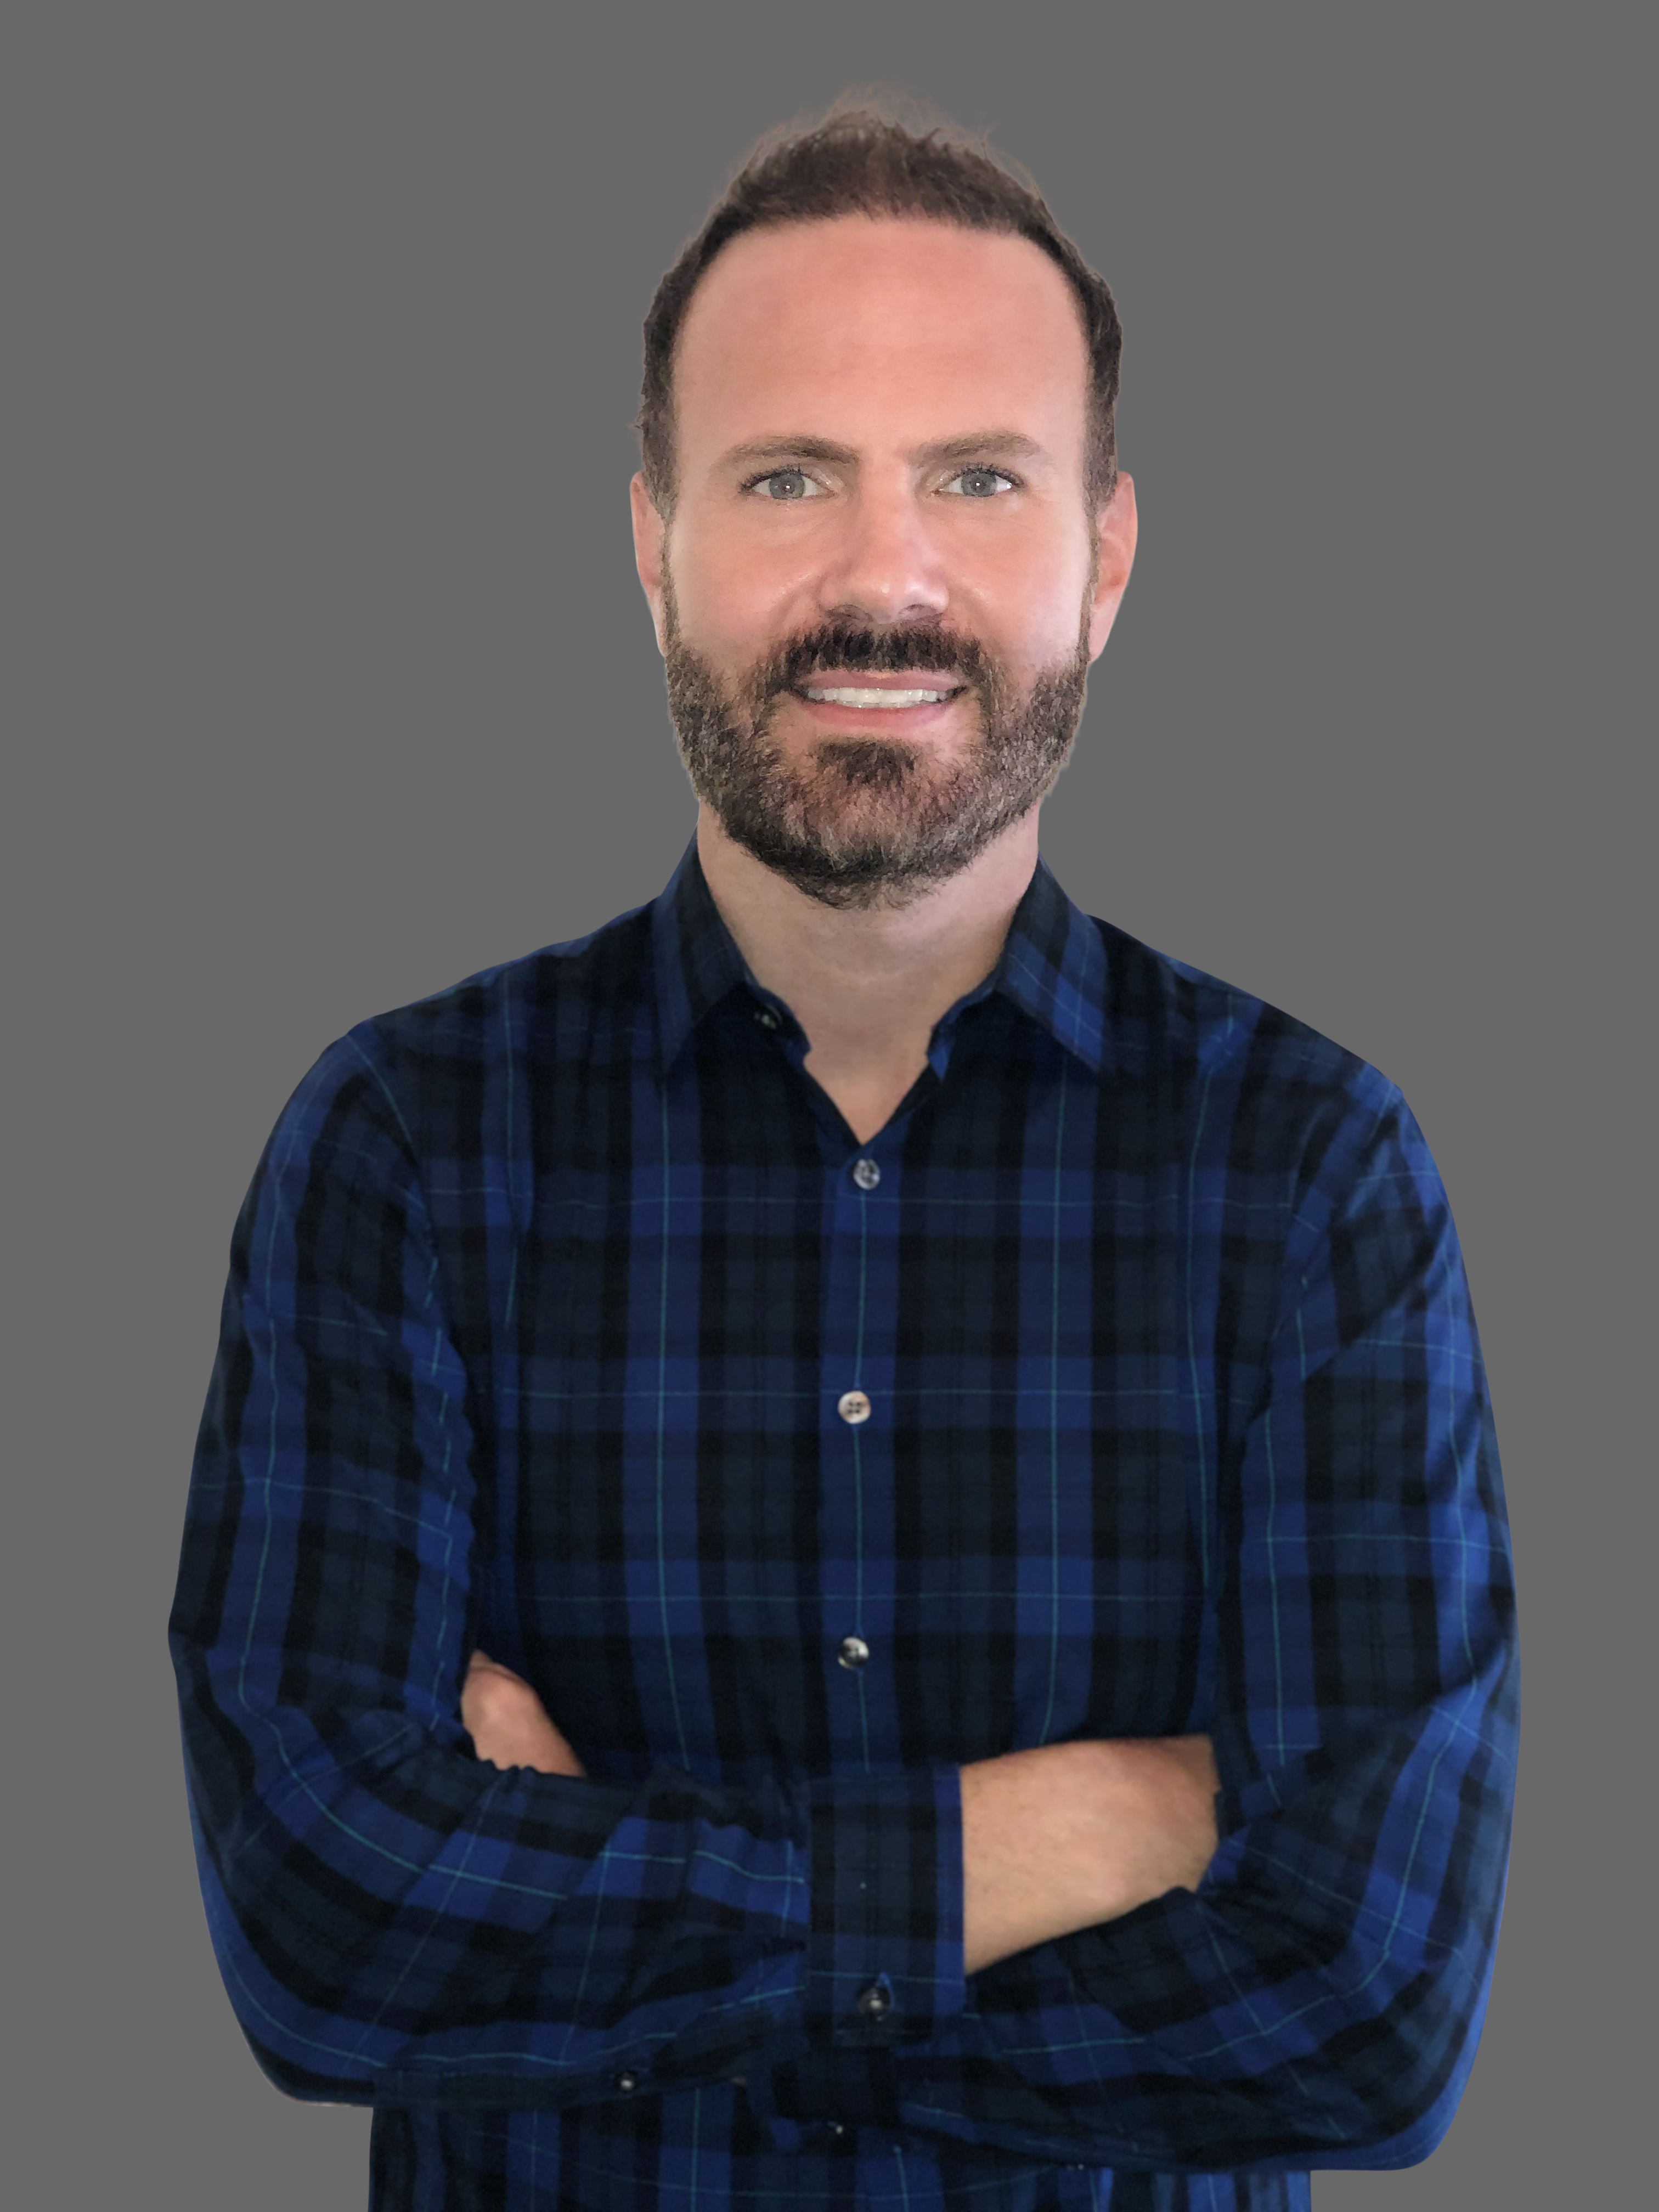 Karl Finn